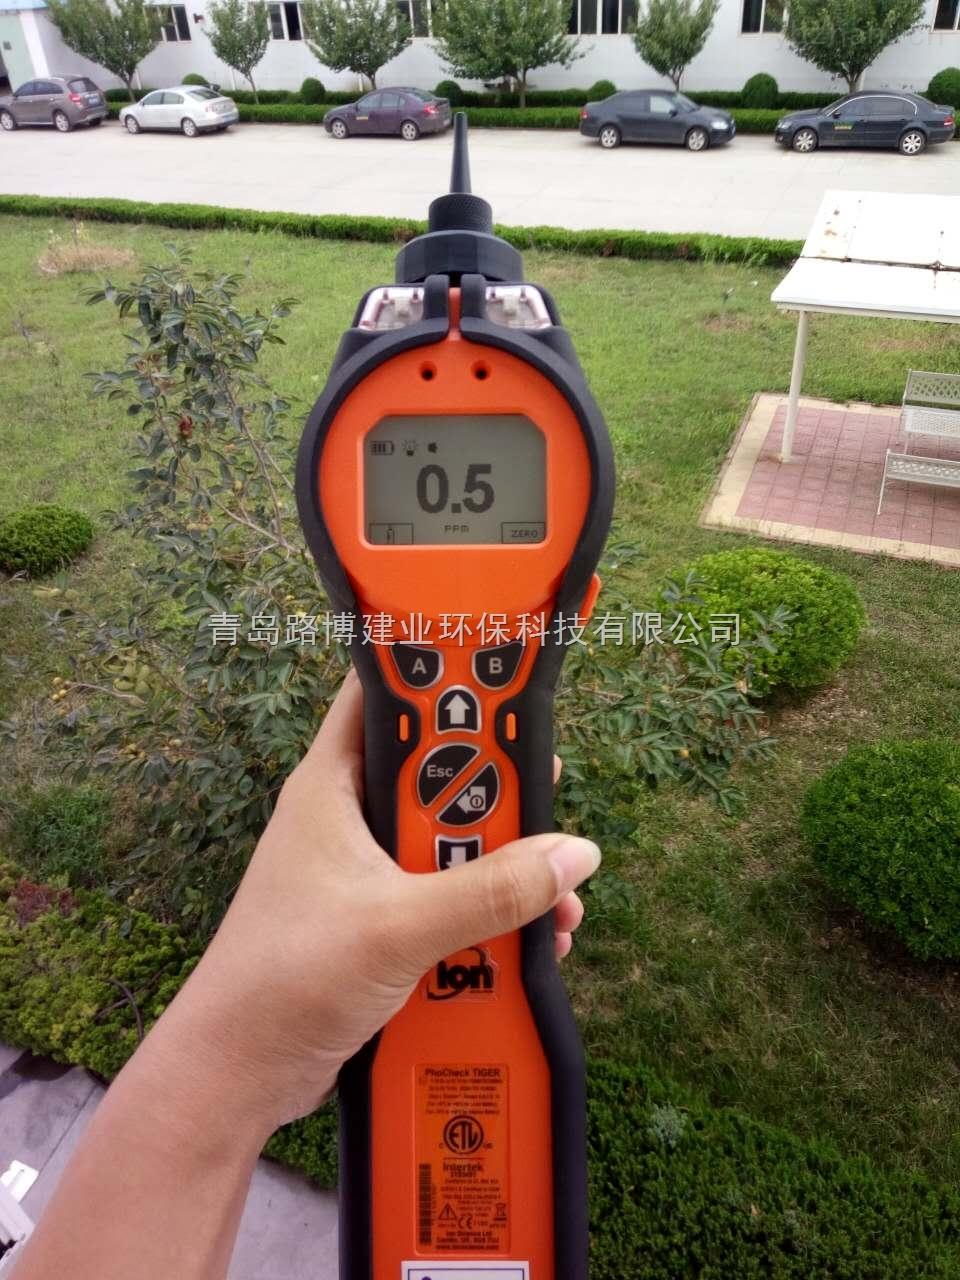 PCT-LB-05-PCT-LB-05英国离子VOC检测仪虎牌